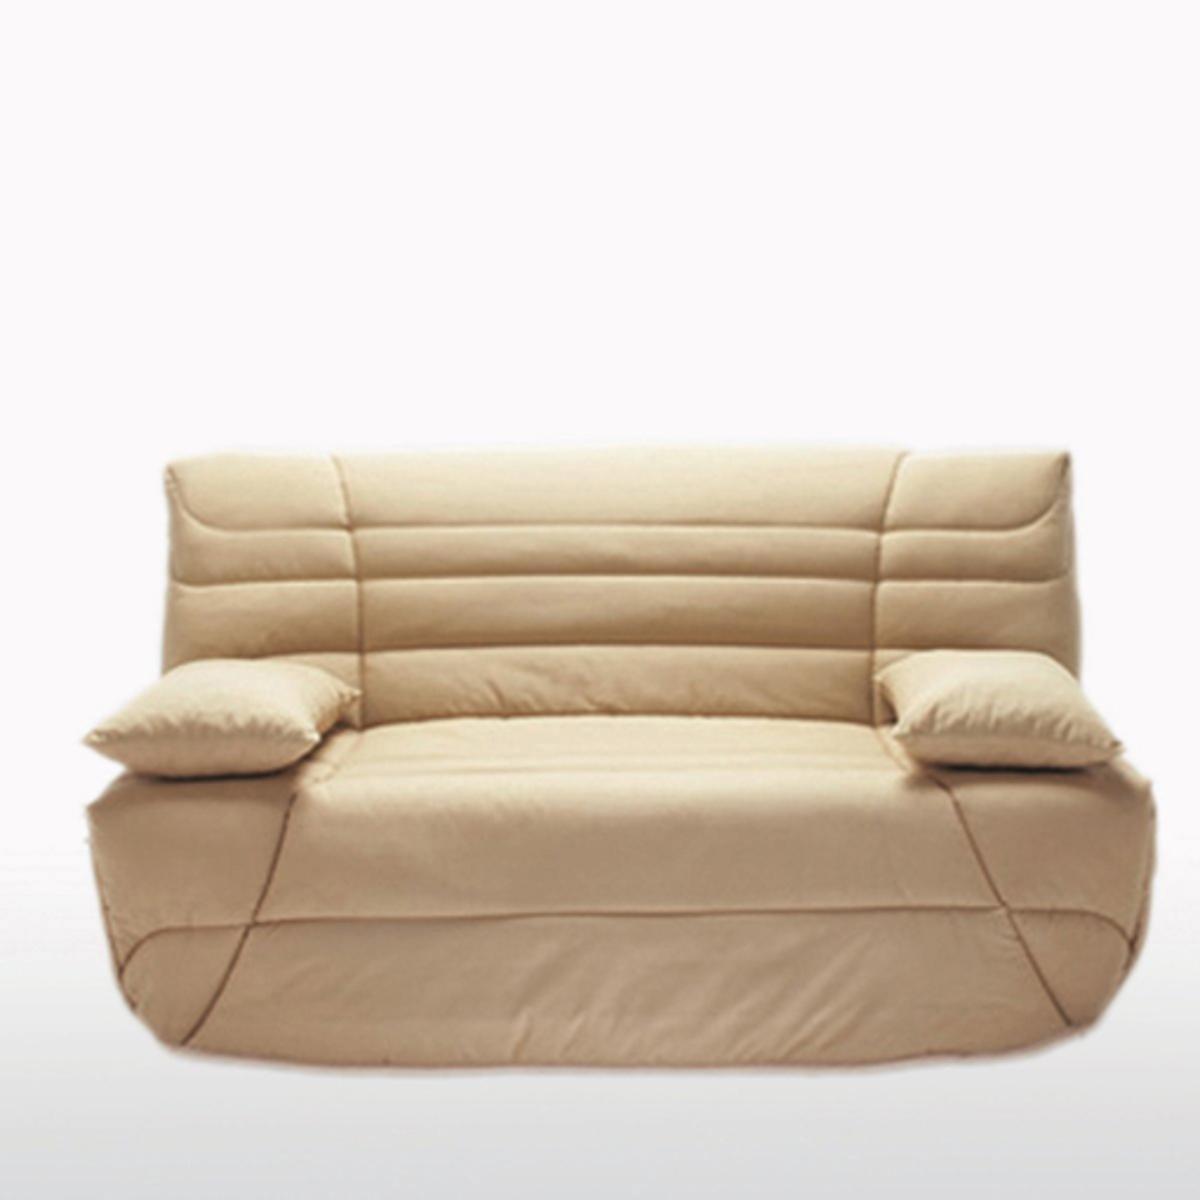 Чехол для дивана-книжки, толщина 14 см, усовершенствованная модель